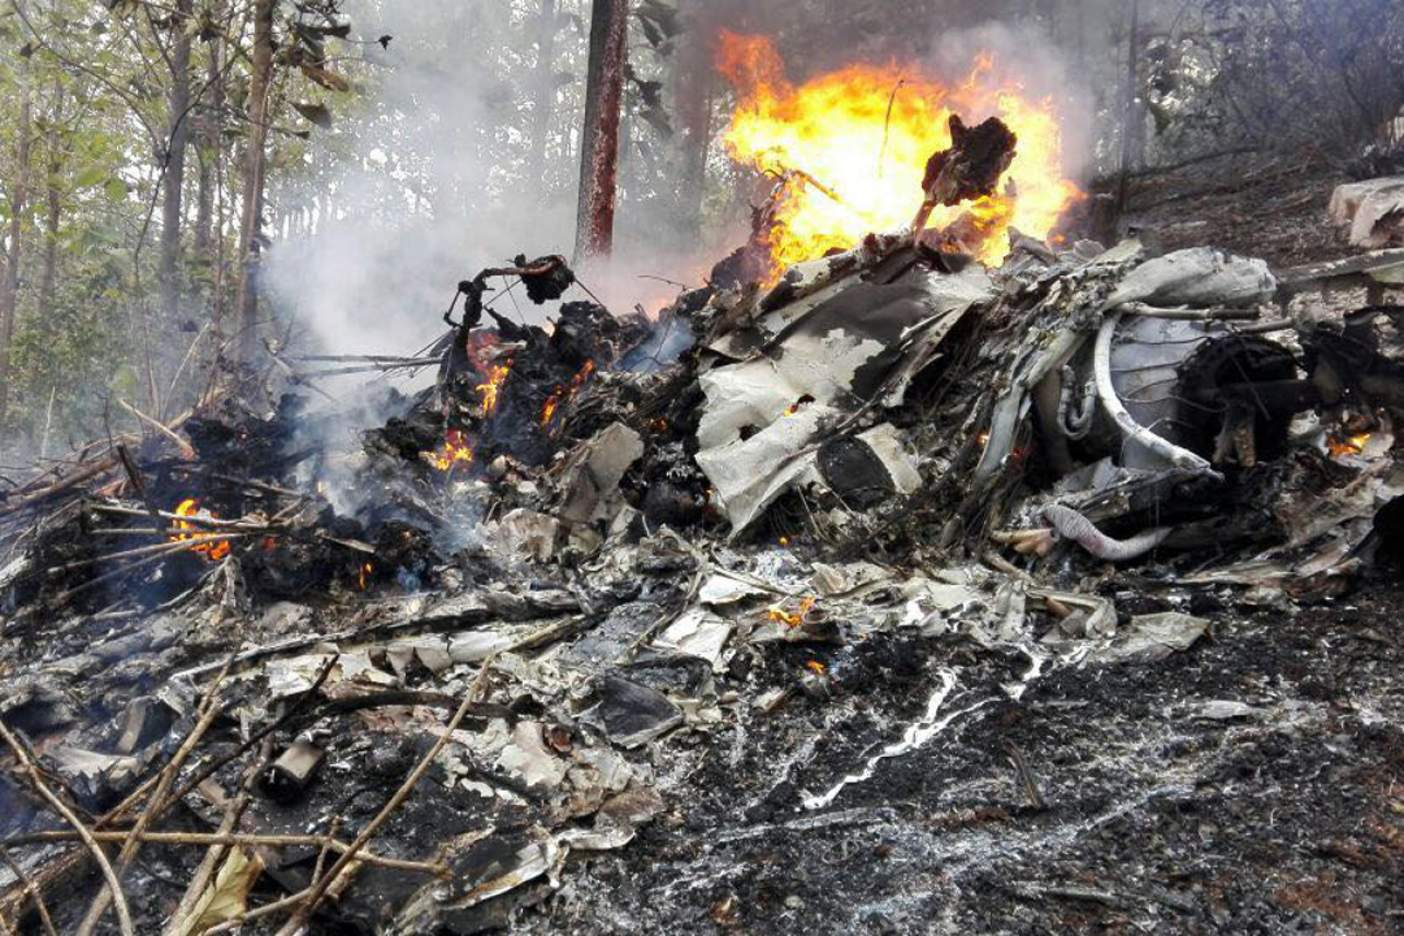 Mueren los 12 tripulantes de avión en Costa Rica — ÚLTIMA HORA